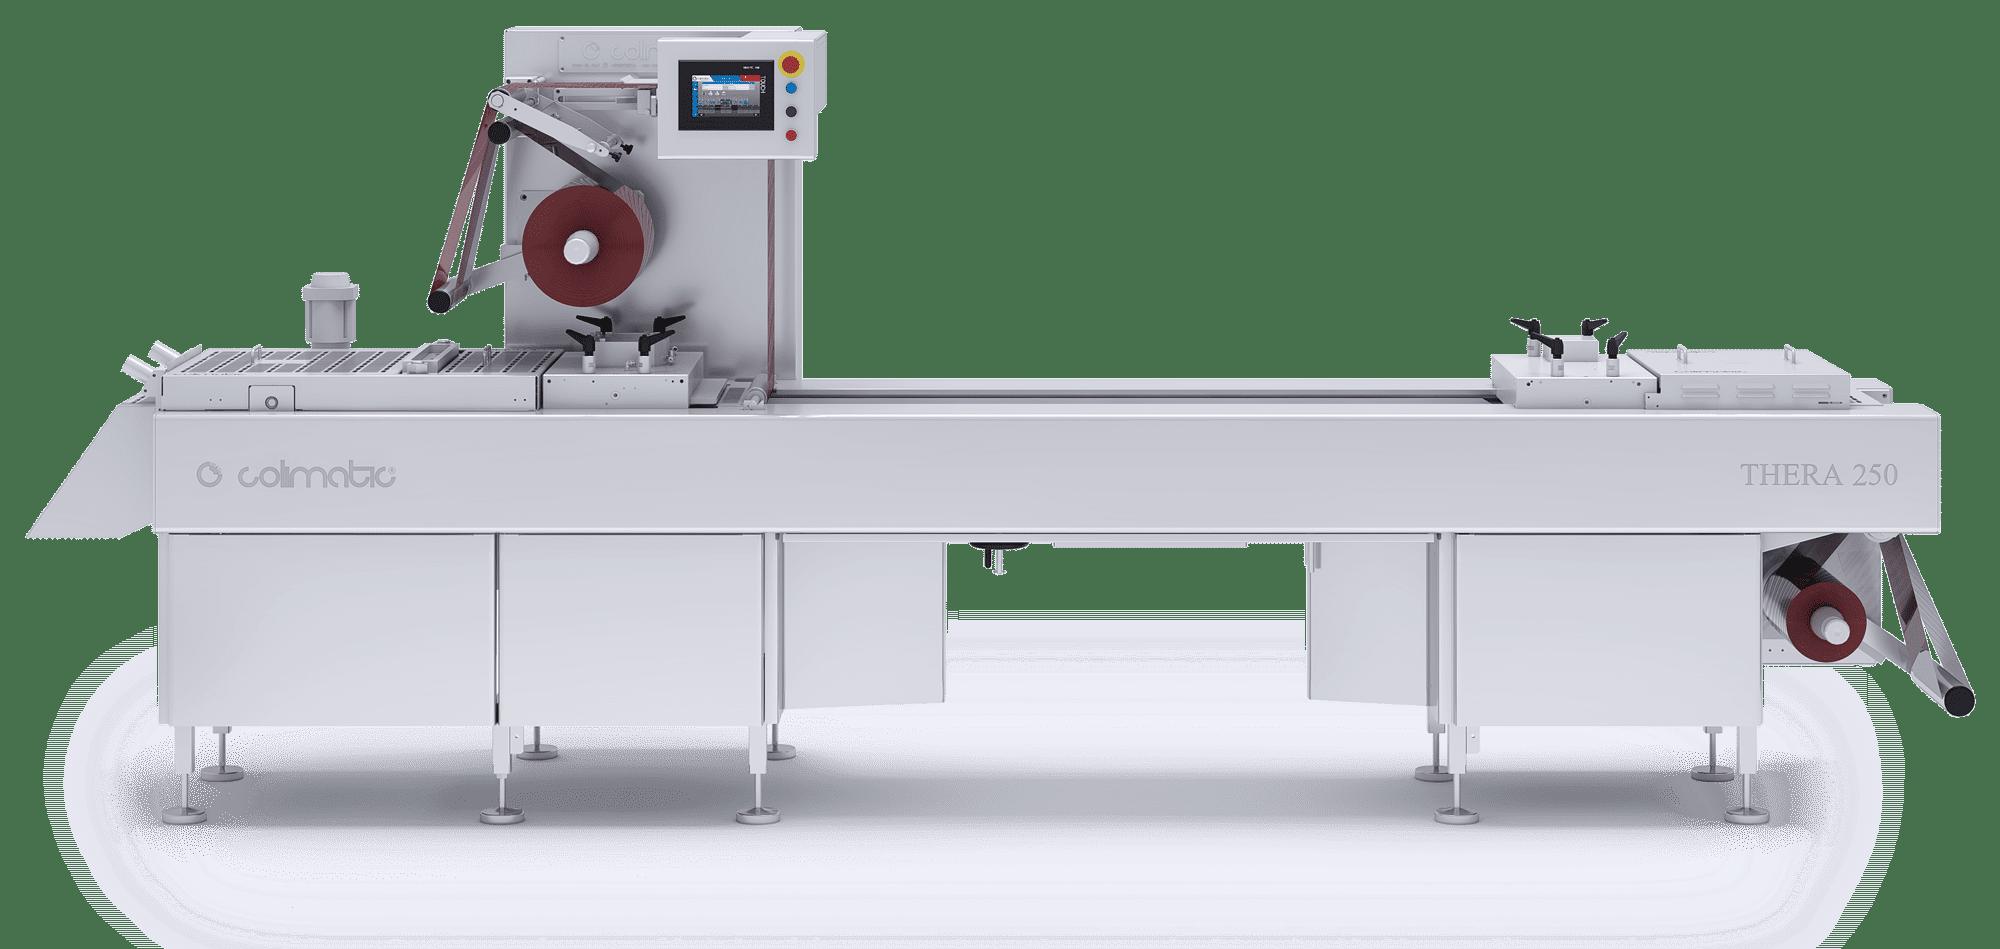 Termoformatrice thera 250 - colimatic termoformatrici industriali